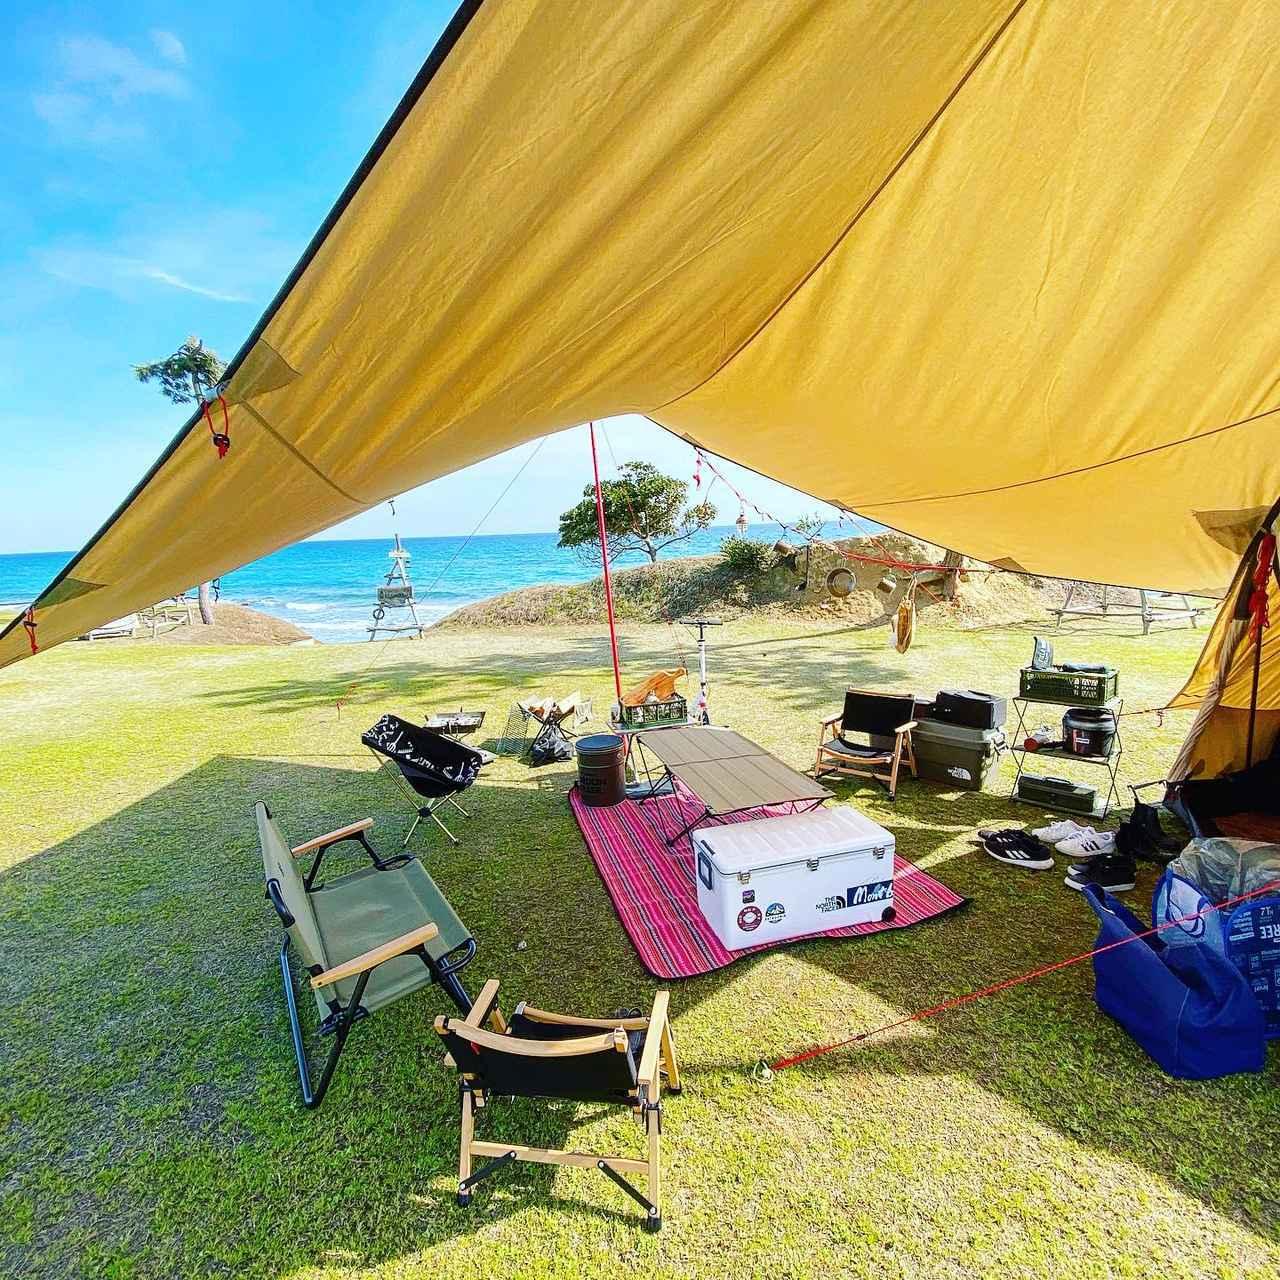 画像: 夏キャンプにはTC素材タープがオススメ!日差しを遮り火の粉にも強くて優秀 - ハピキャン|キャンプ・アウトドア情報メディア